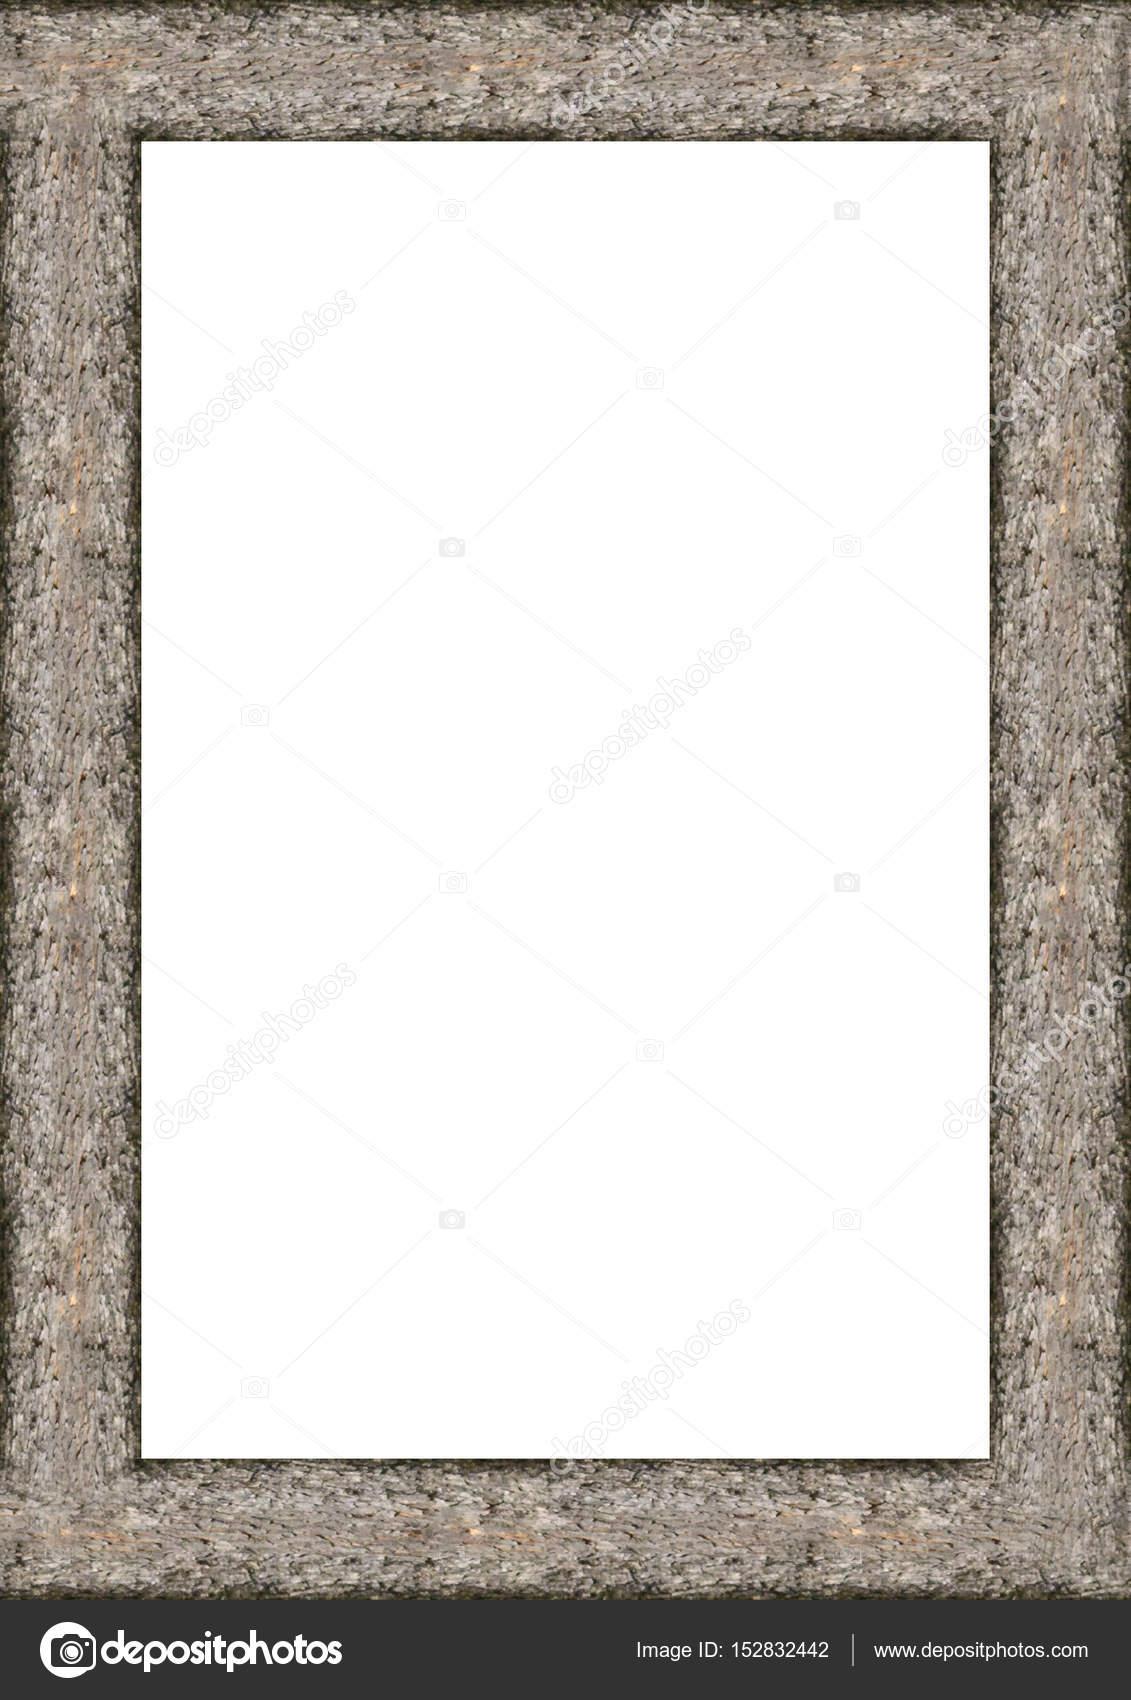 Marco de retrato en blanco con bordes de madera — Foto de stock ...